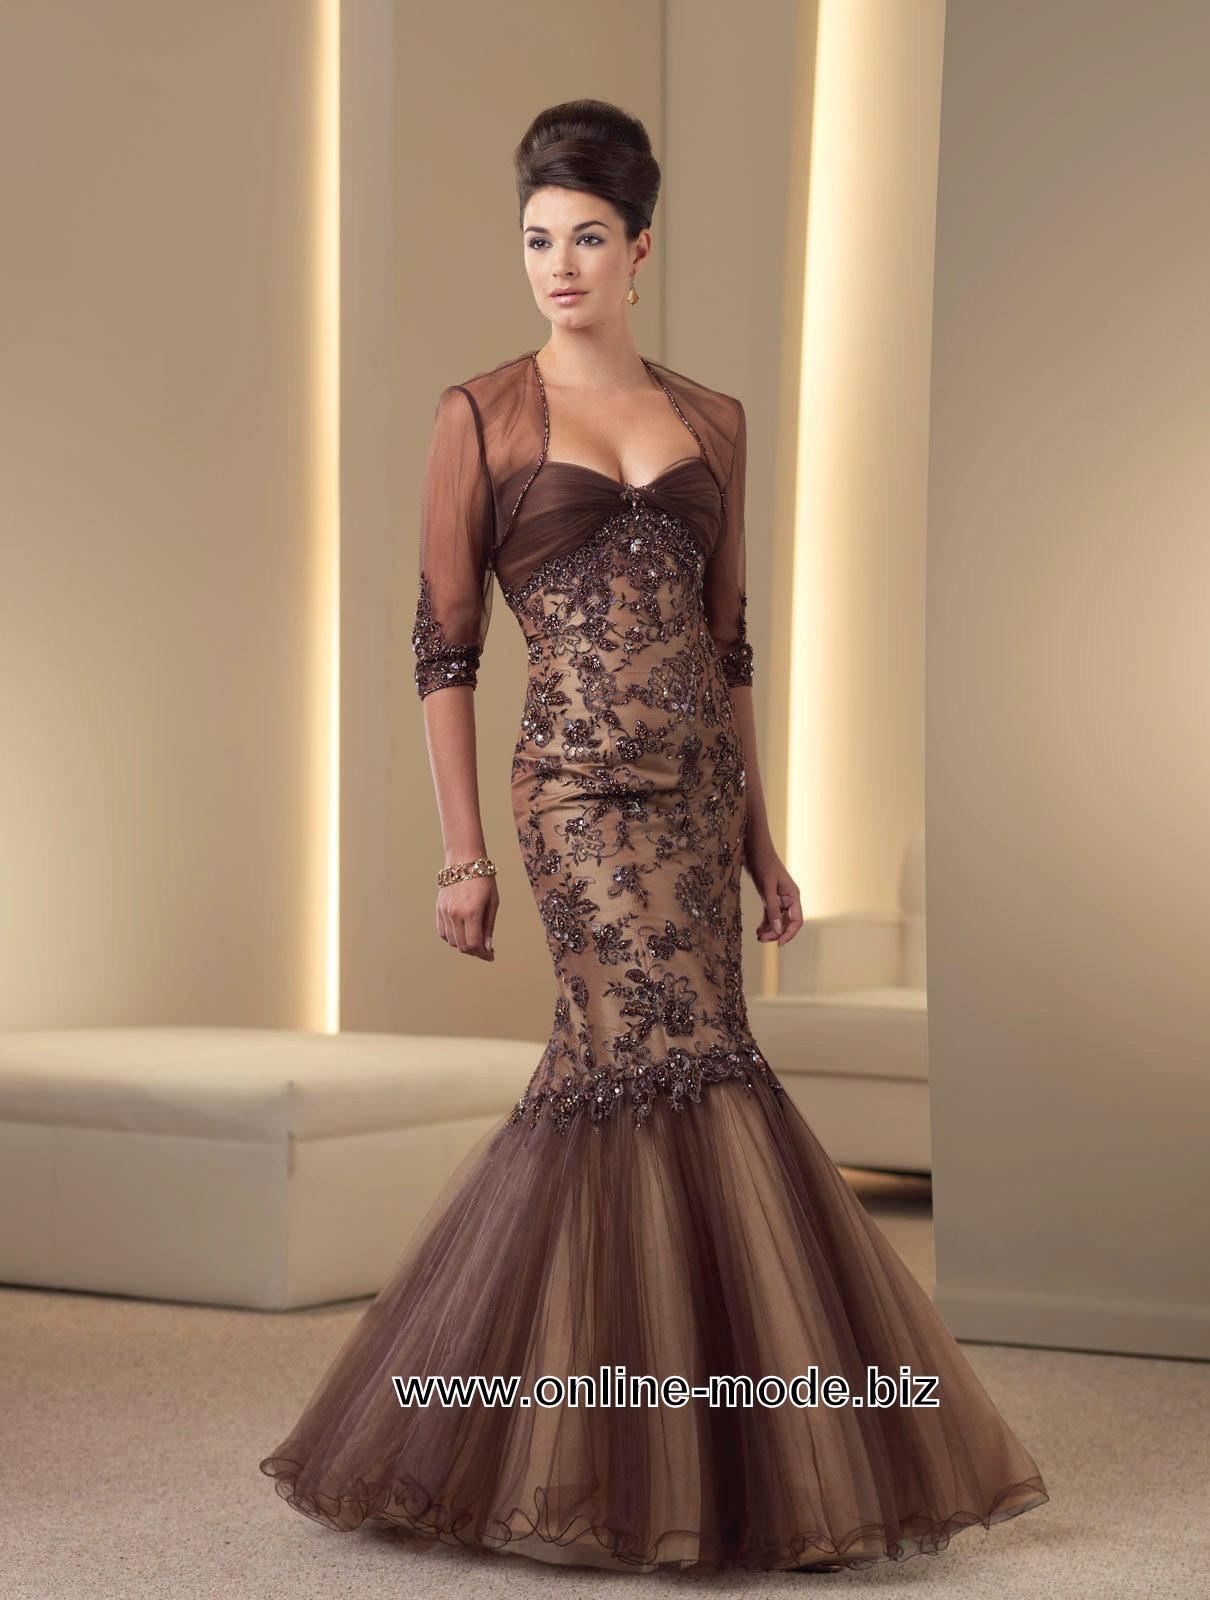 Formal Einzigartig Bolero Für Abendkleid für 201917 Elegant Bolero Für Abendkleid Spezialgebiet